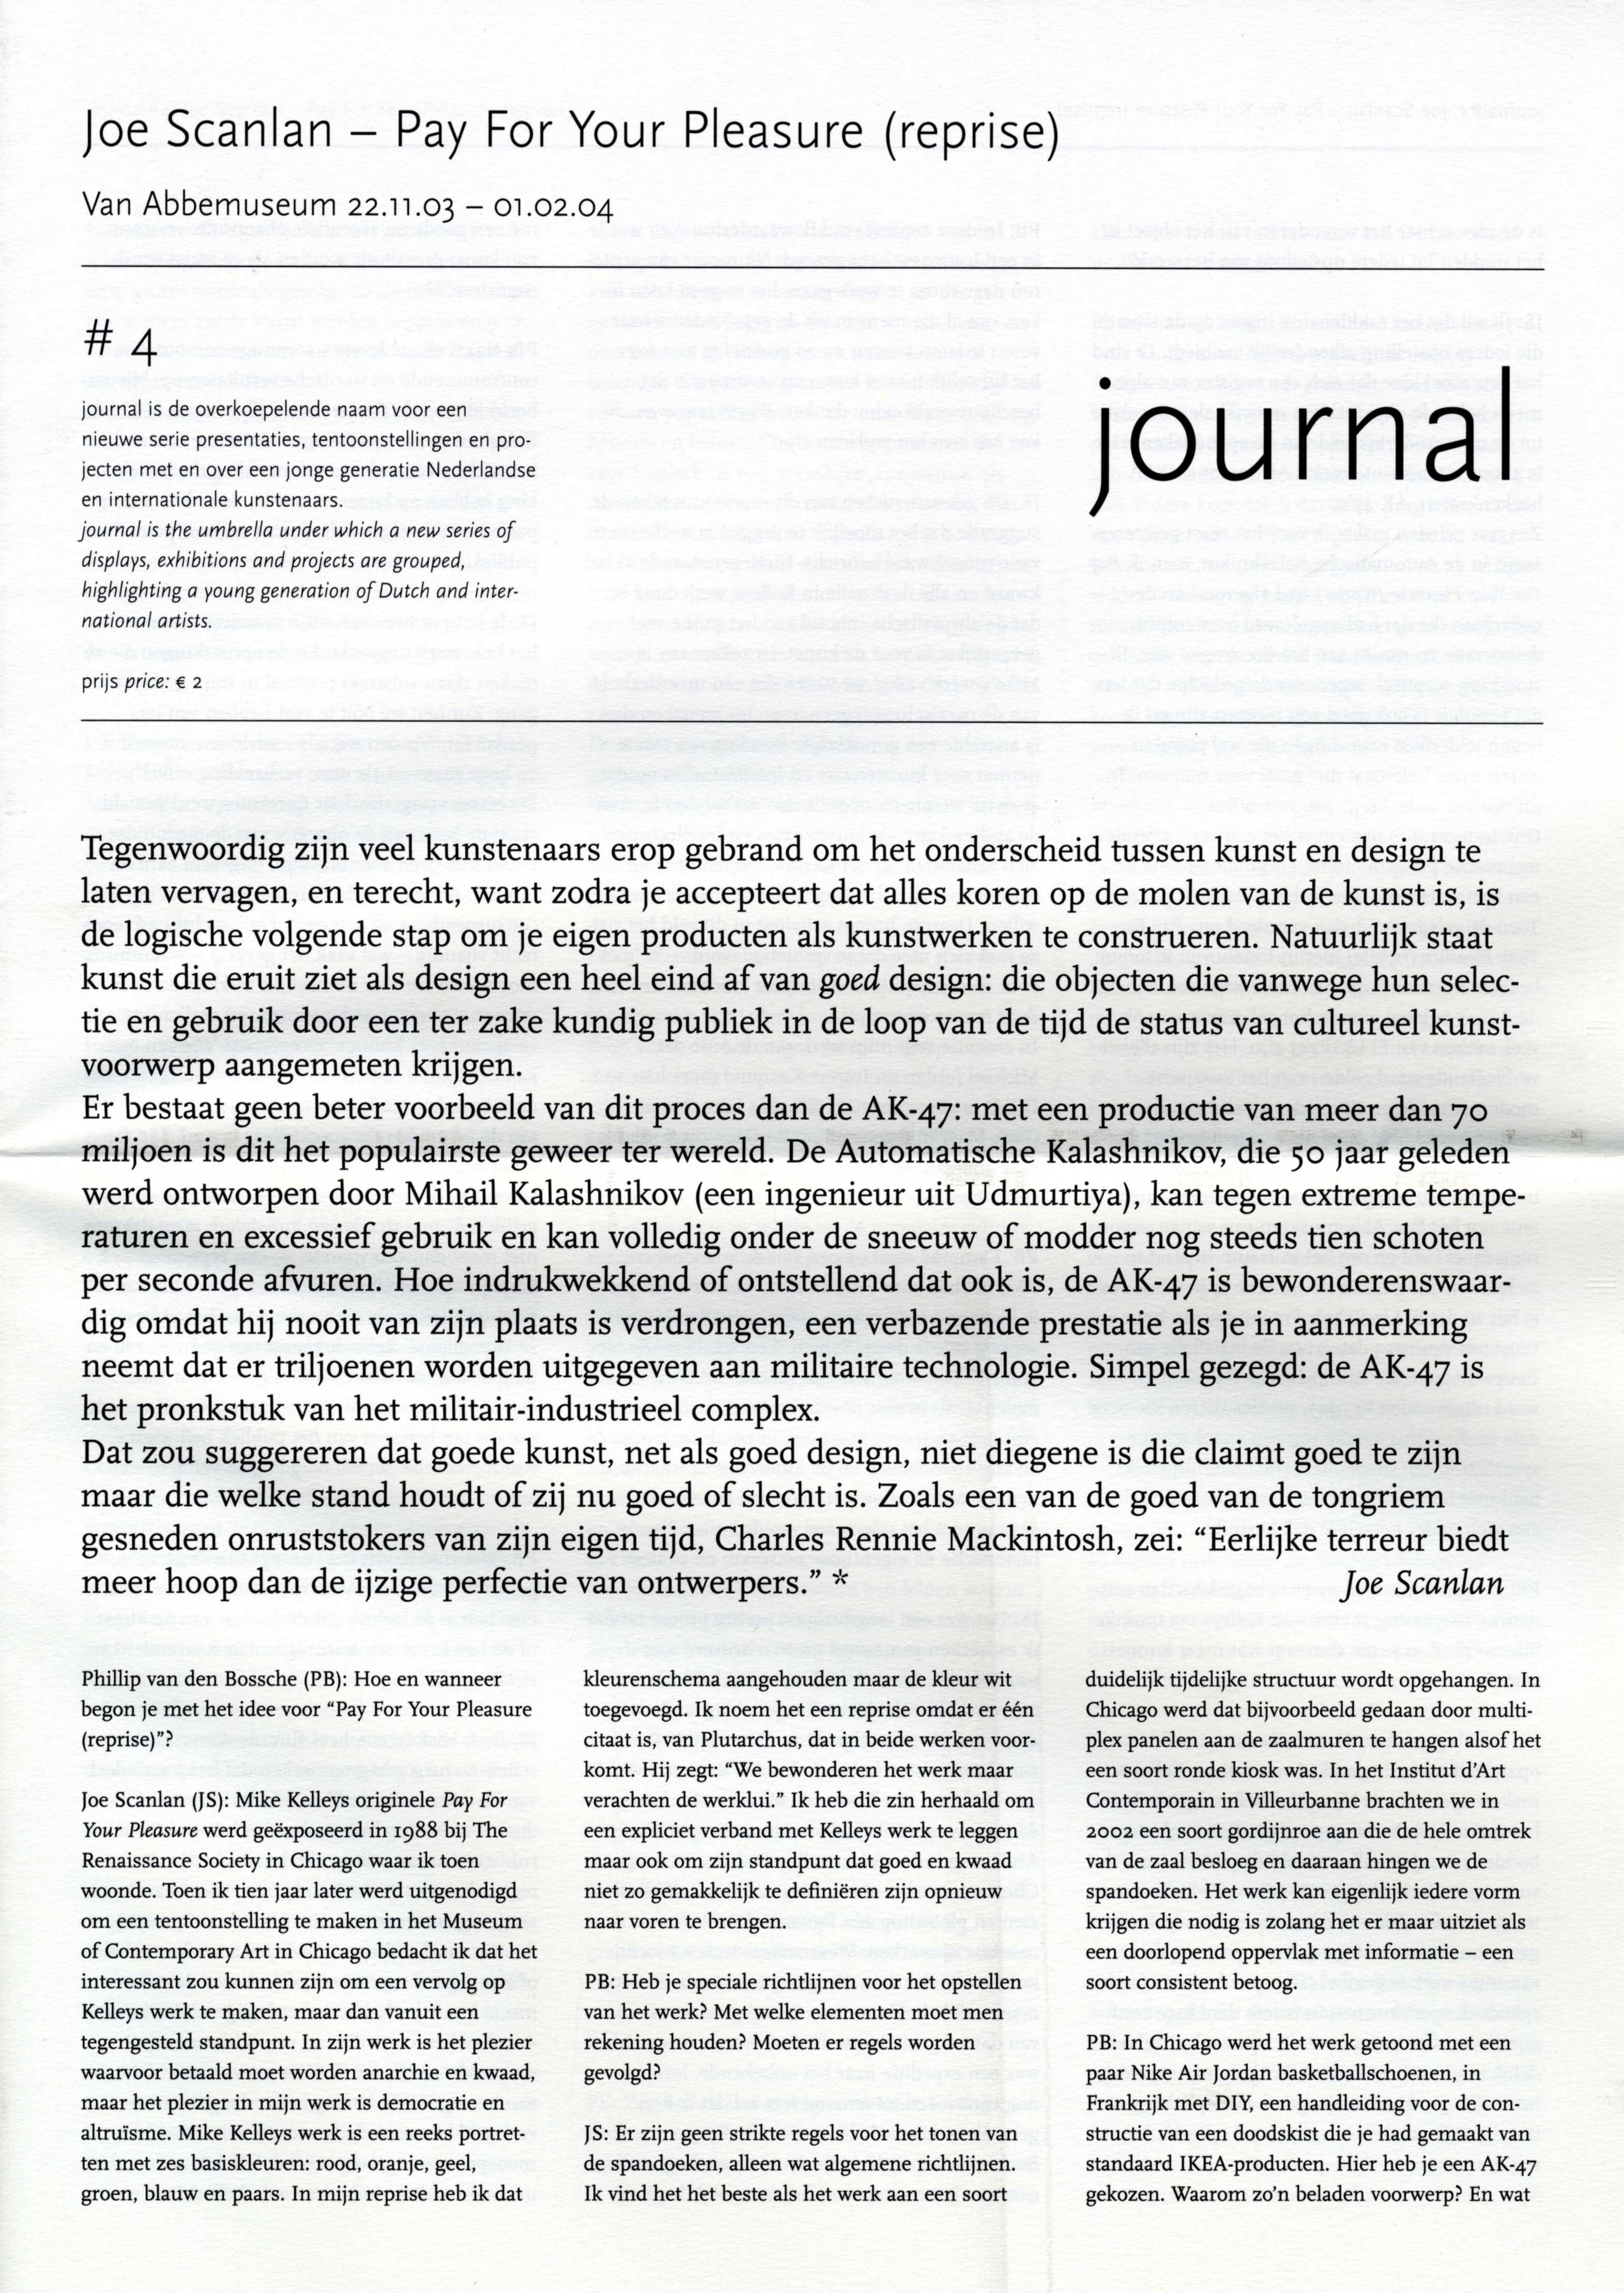 journal # 4 : Joe Scanlan